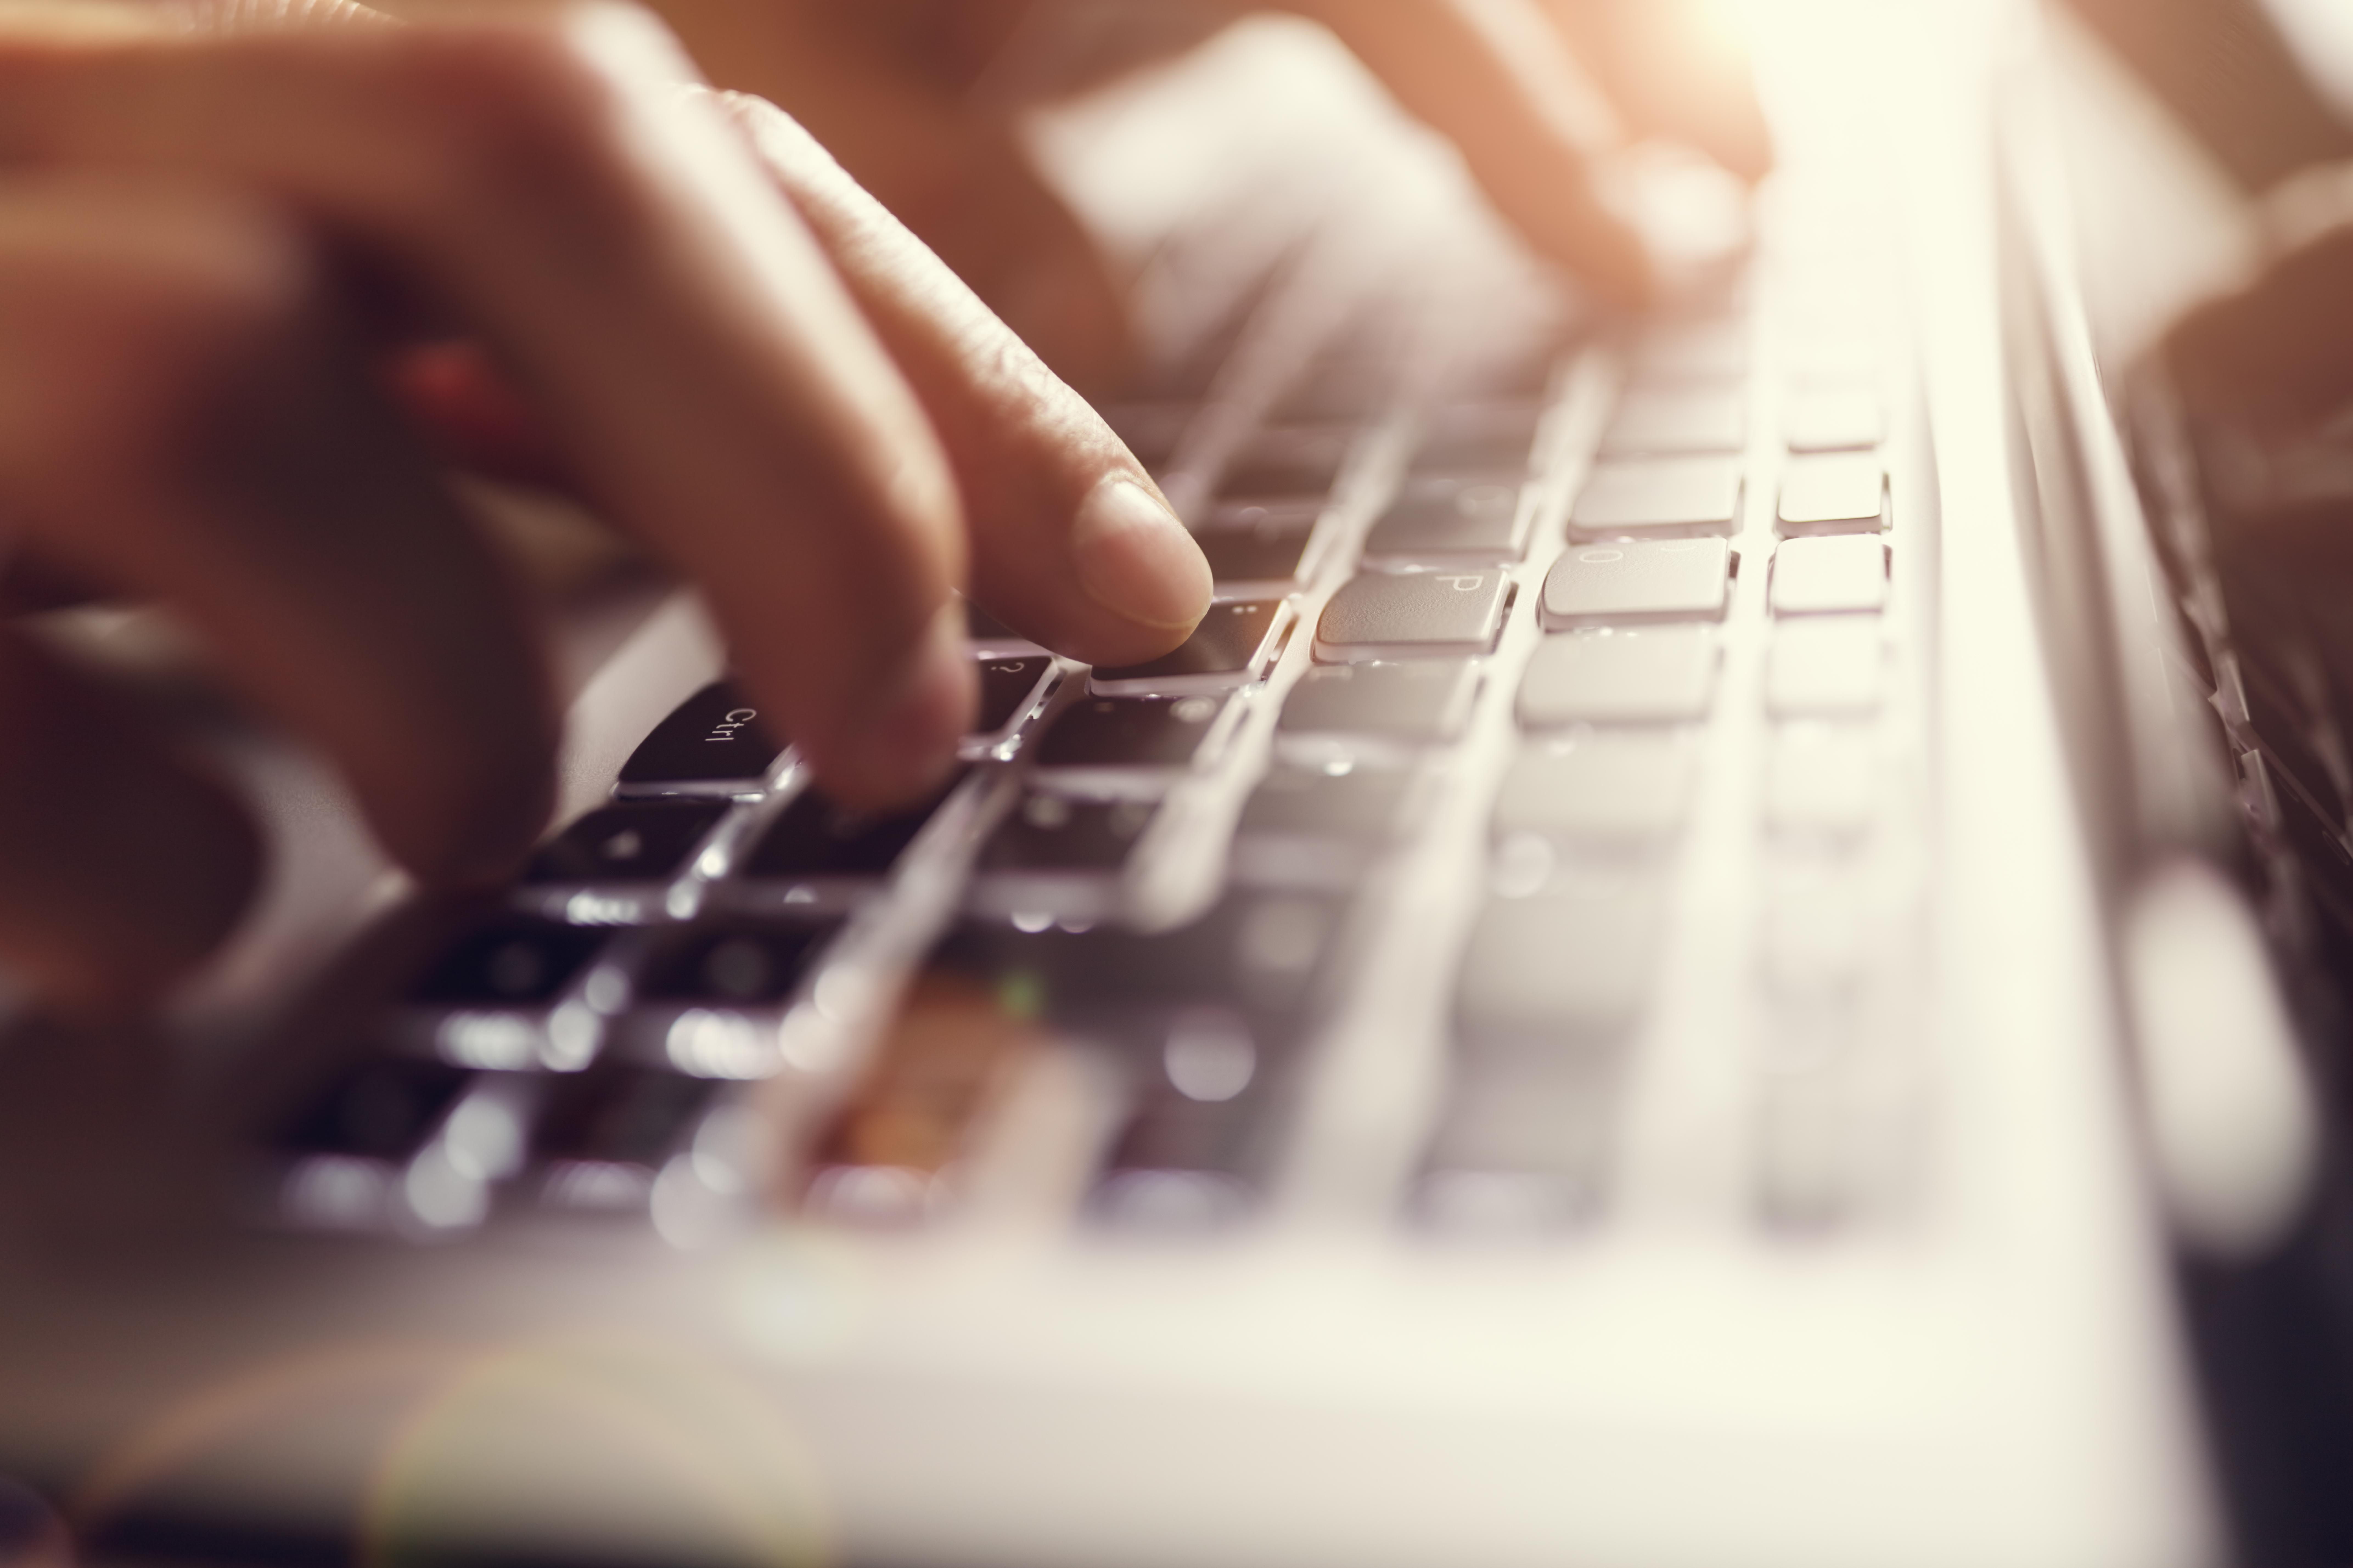 eco Umfrage: Urheberrecht ist zu komplex für deutsche Unternehmen